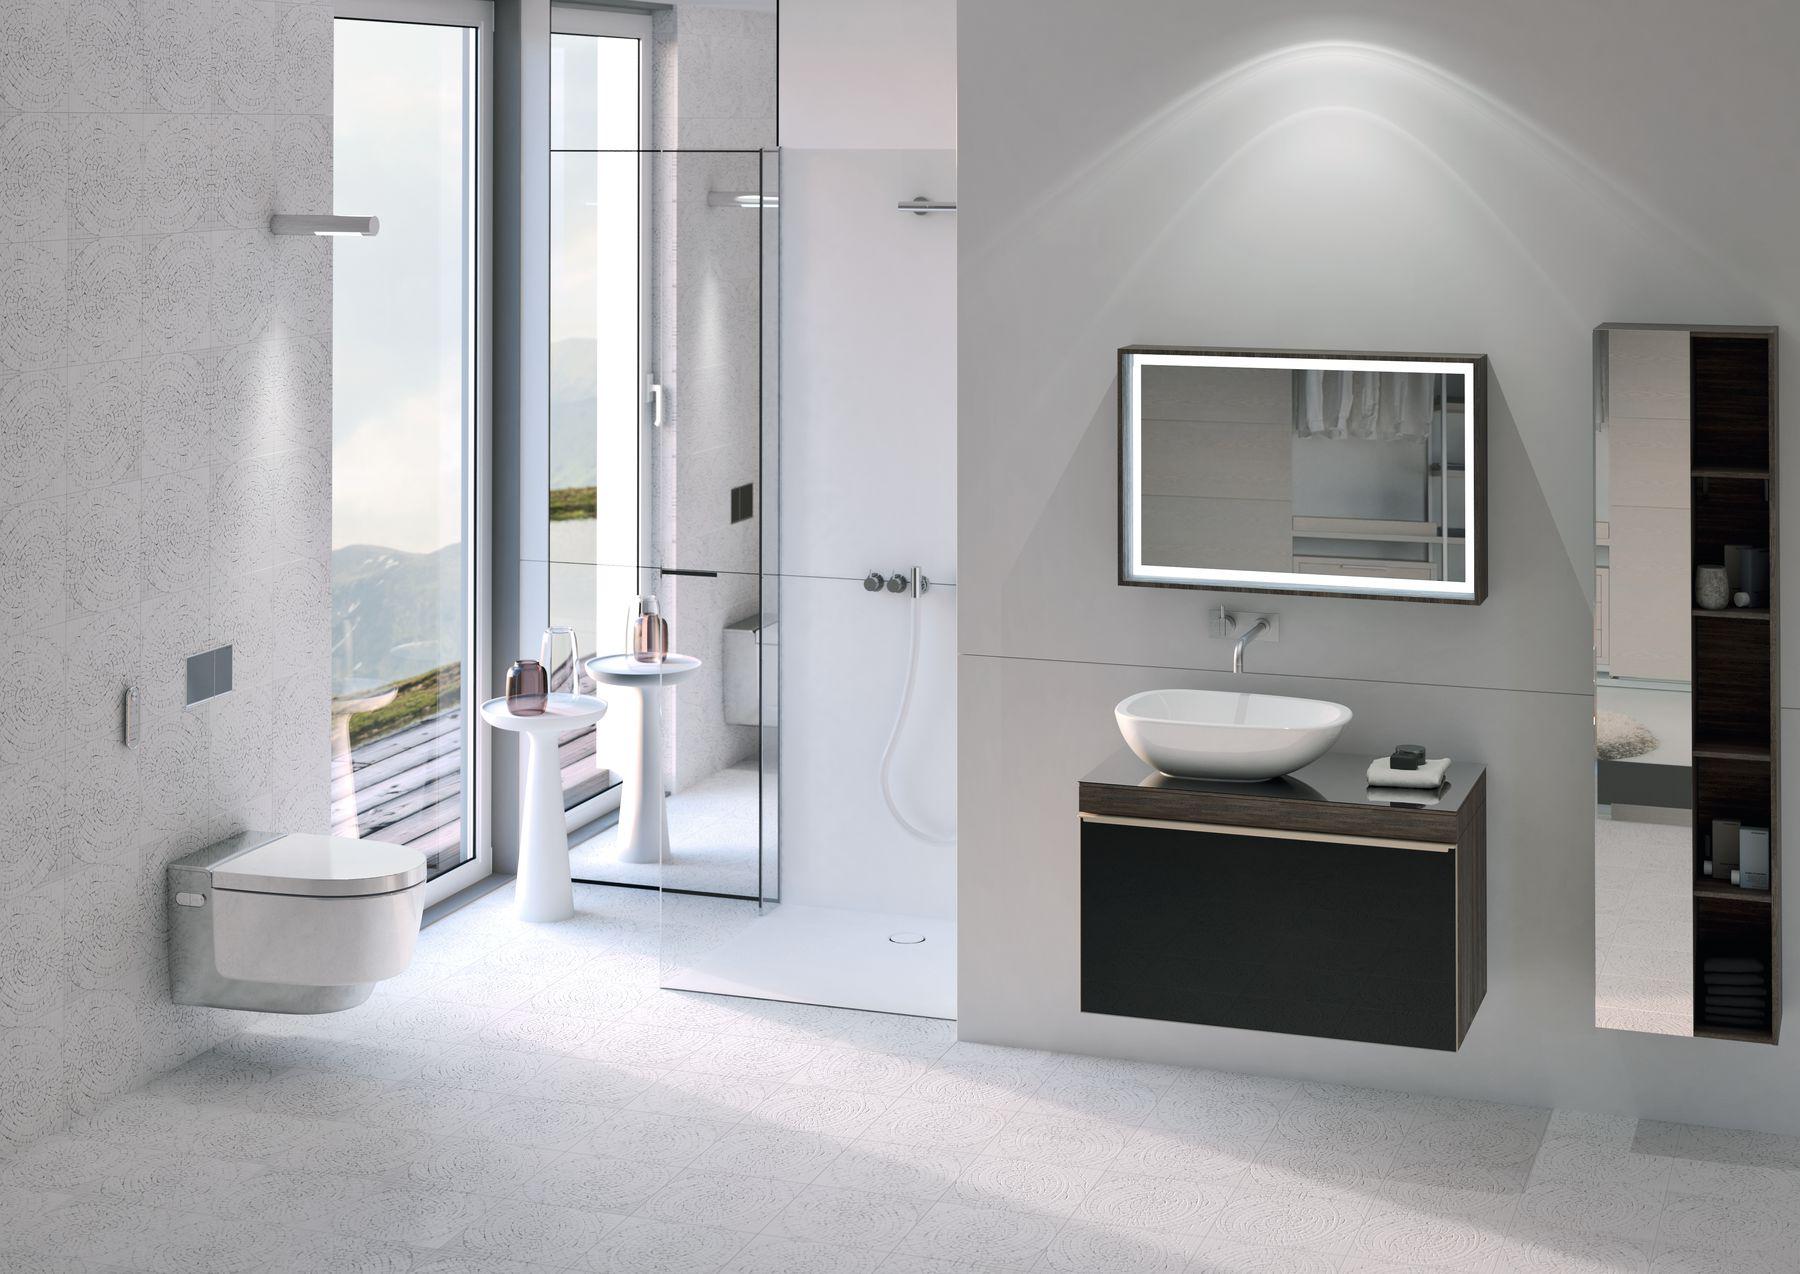 Badkamer met toilet Aquaclean Mera Classic douchewc met een uiterst effectieve, geluidsarme luchtzuivering, een intelligente warmeluchtföhn en een gebruiksvriendelijke afstandsbediening, waarmee je de verschillende functies intuïtief en naar eigen voorkeur kunt bedienen.